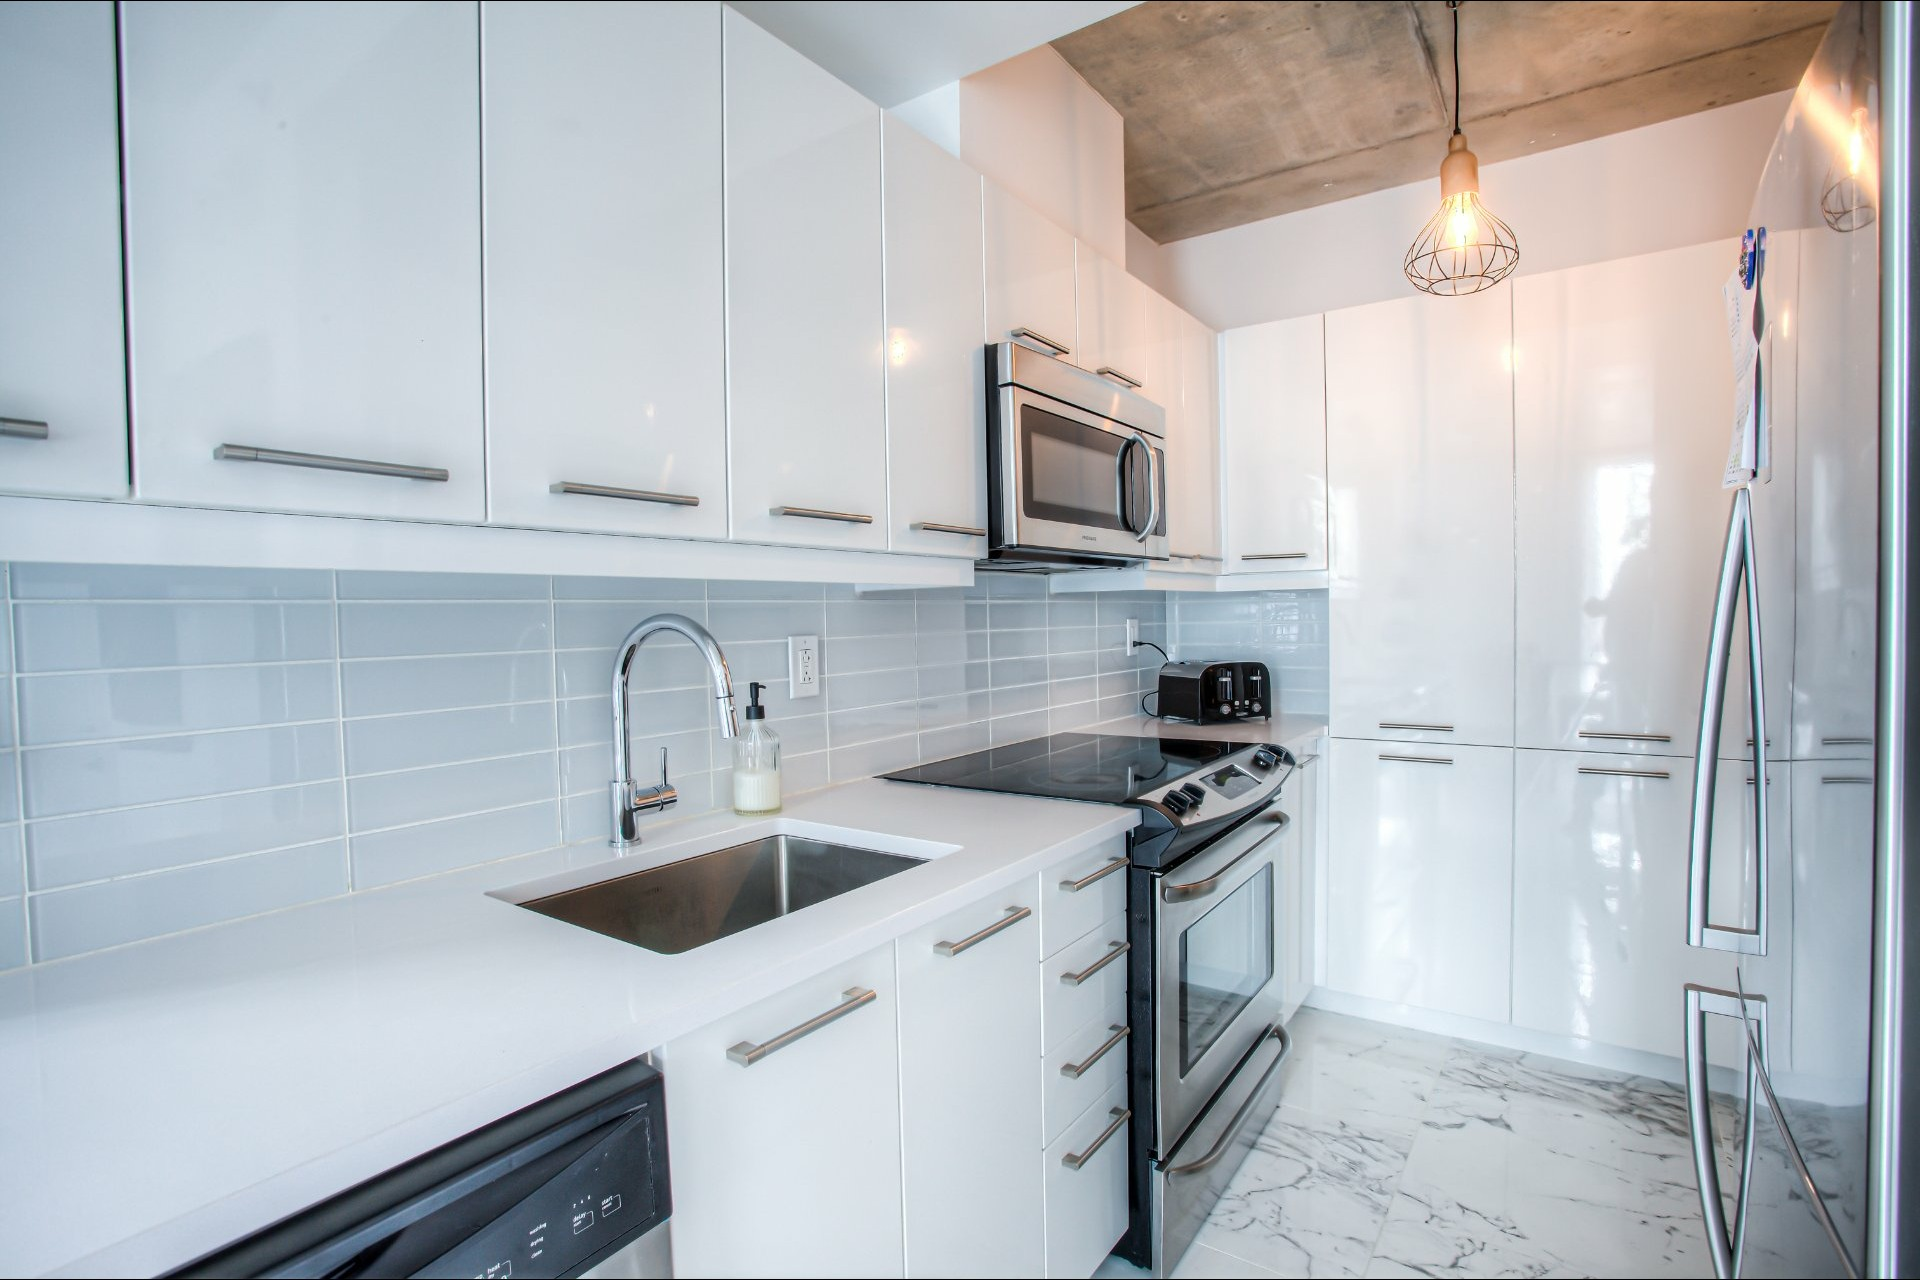 image 10 - Appartement À vendre Le Sud-Ouest Montréal  - 5 pièces